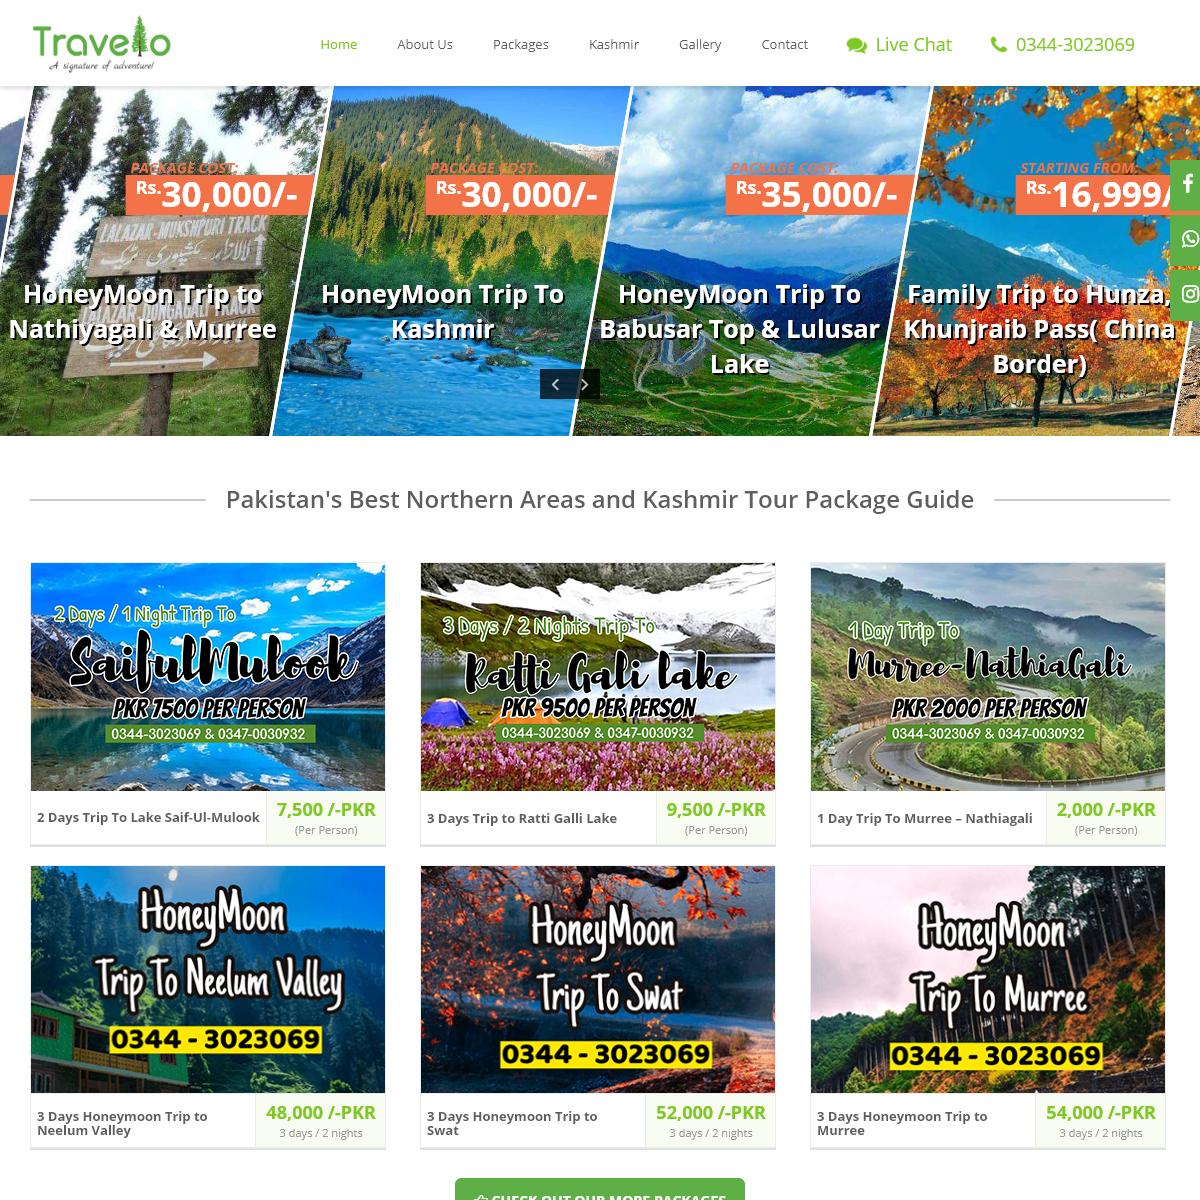 Pakistan Tour Packages - Best Kashmir Snow Trip & Holidays Tourism